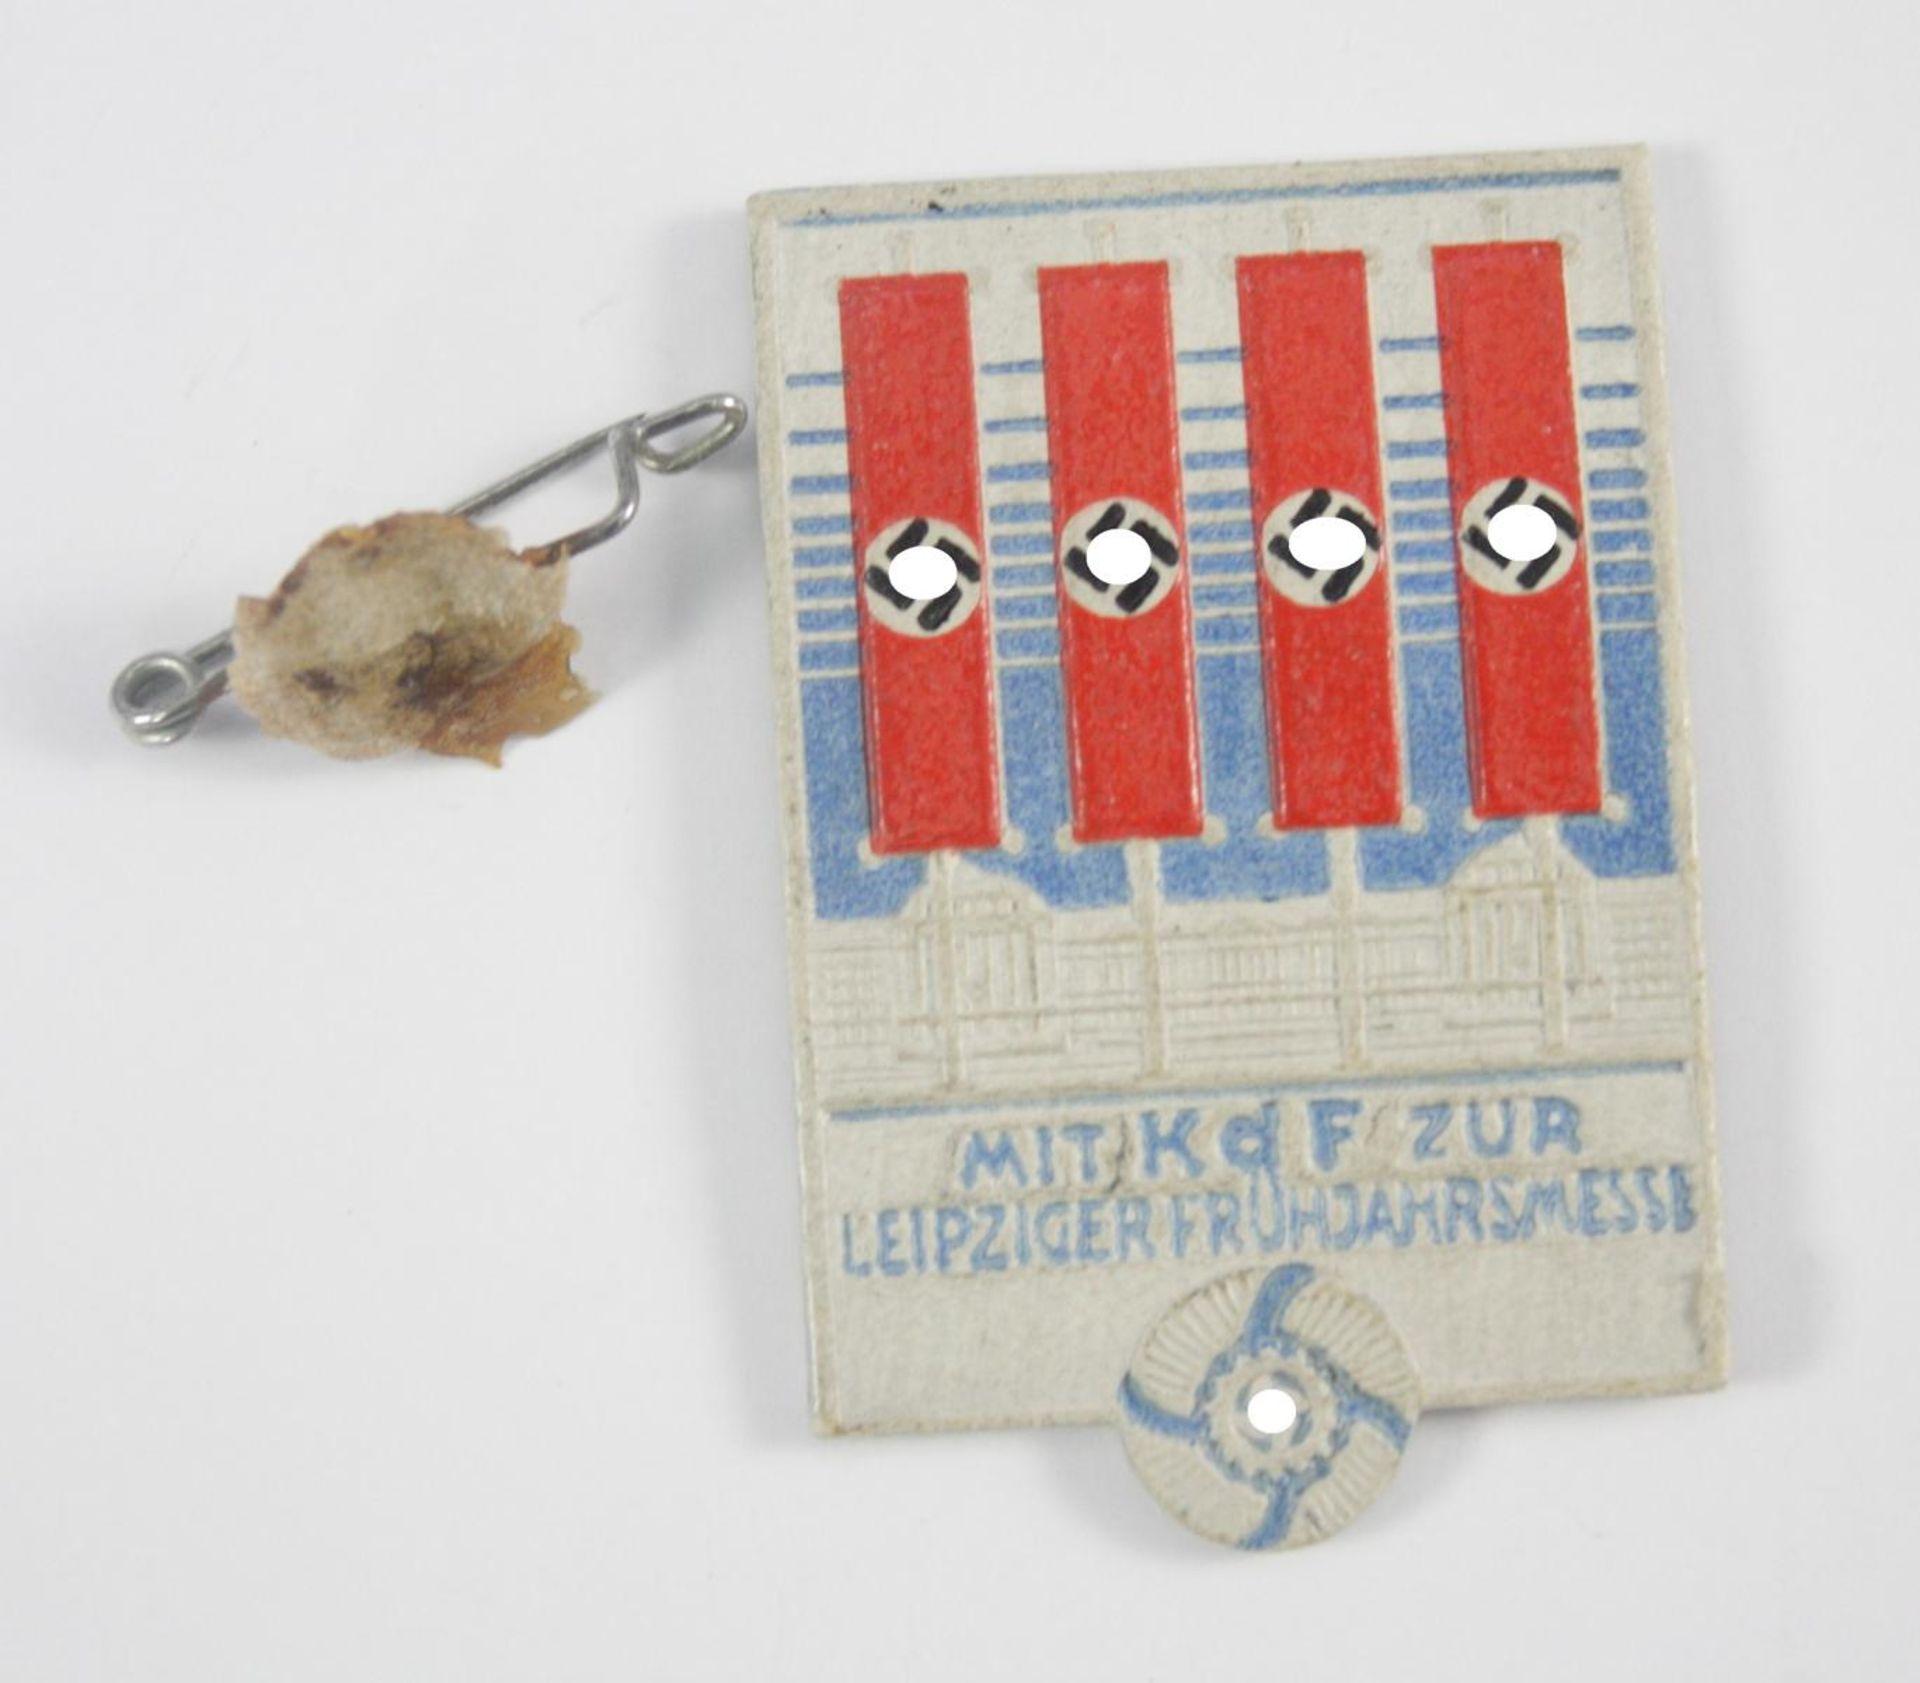 Abzeichen: Mit KdF zur Leipziger Frühjahrsmesse